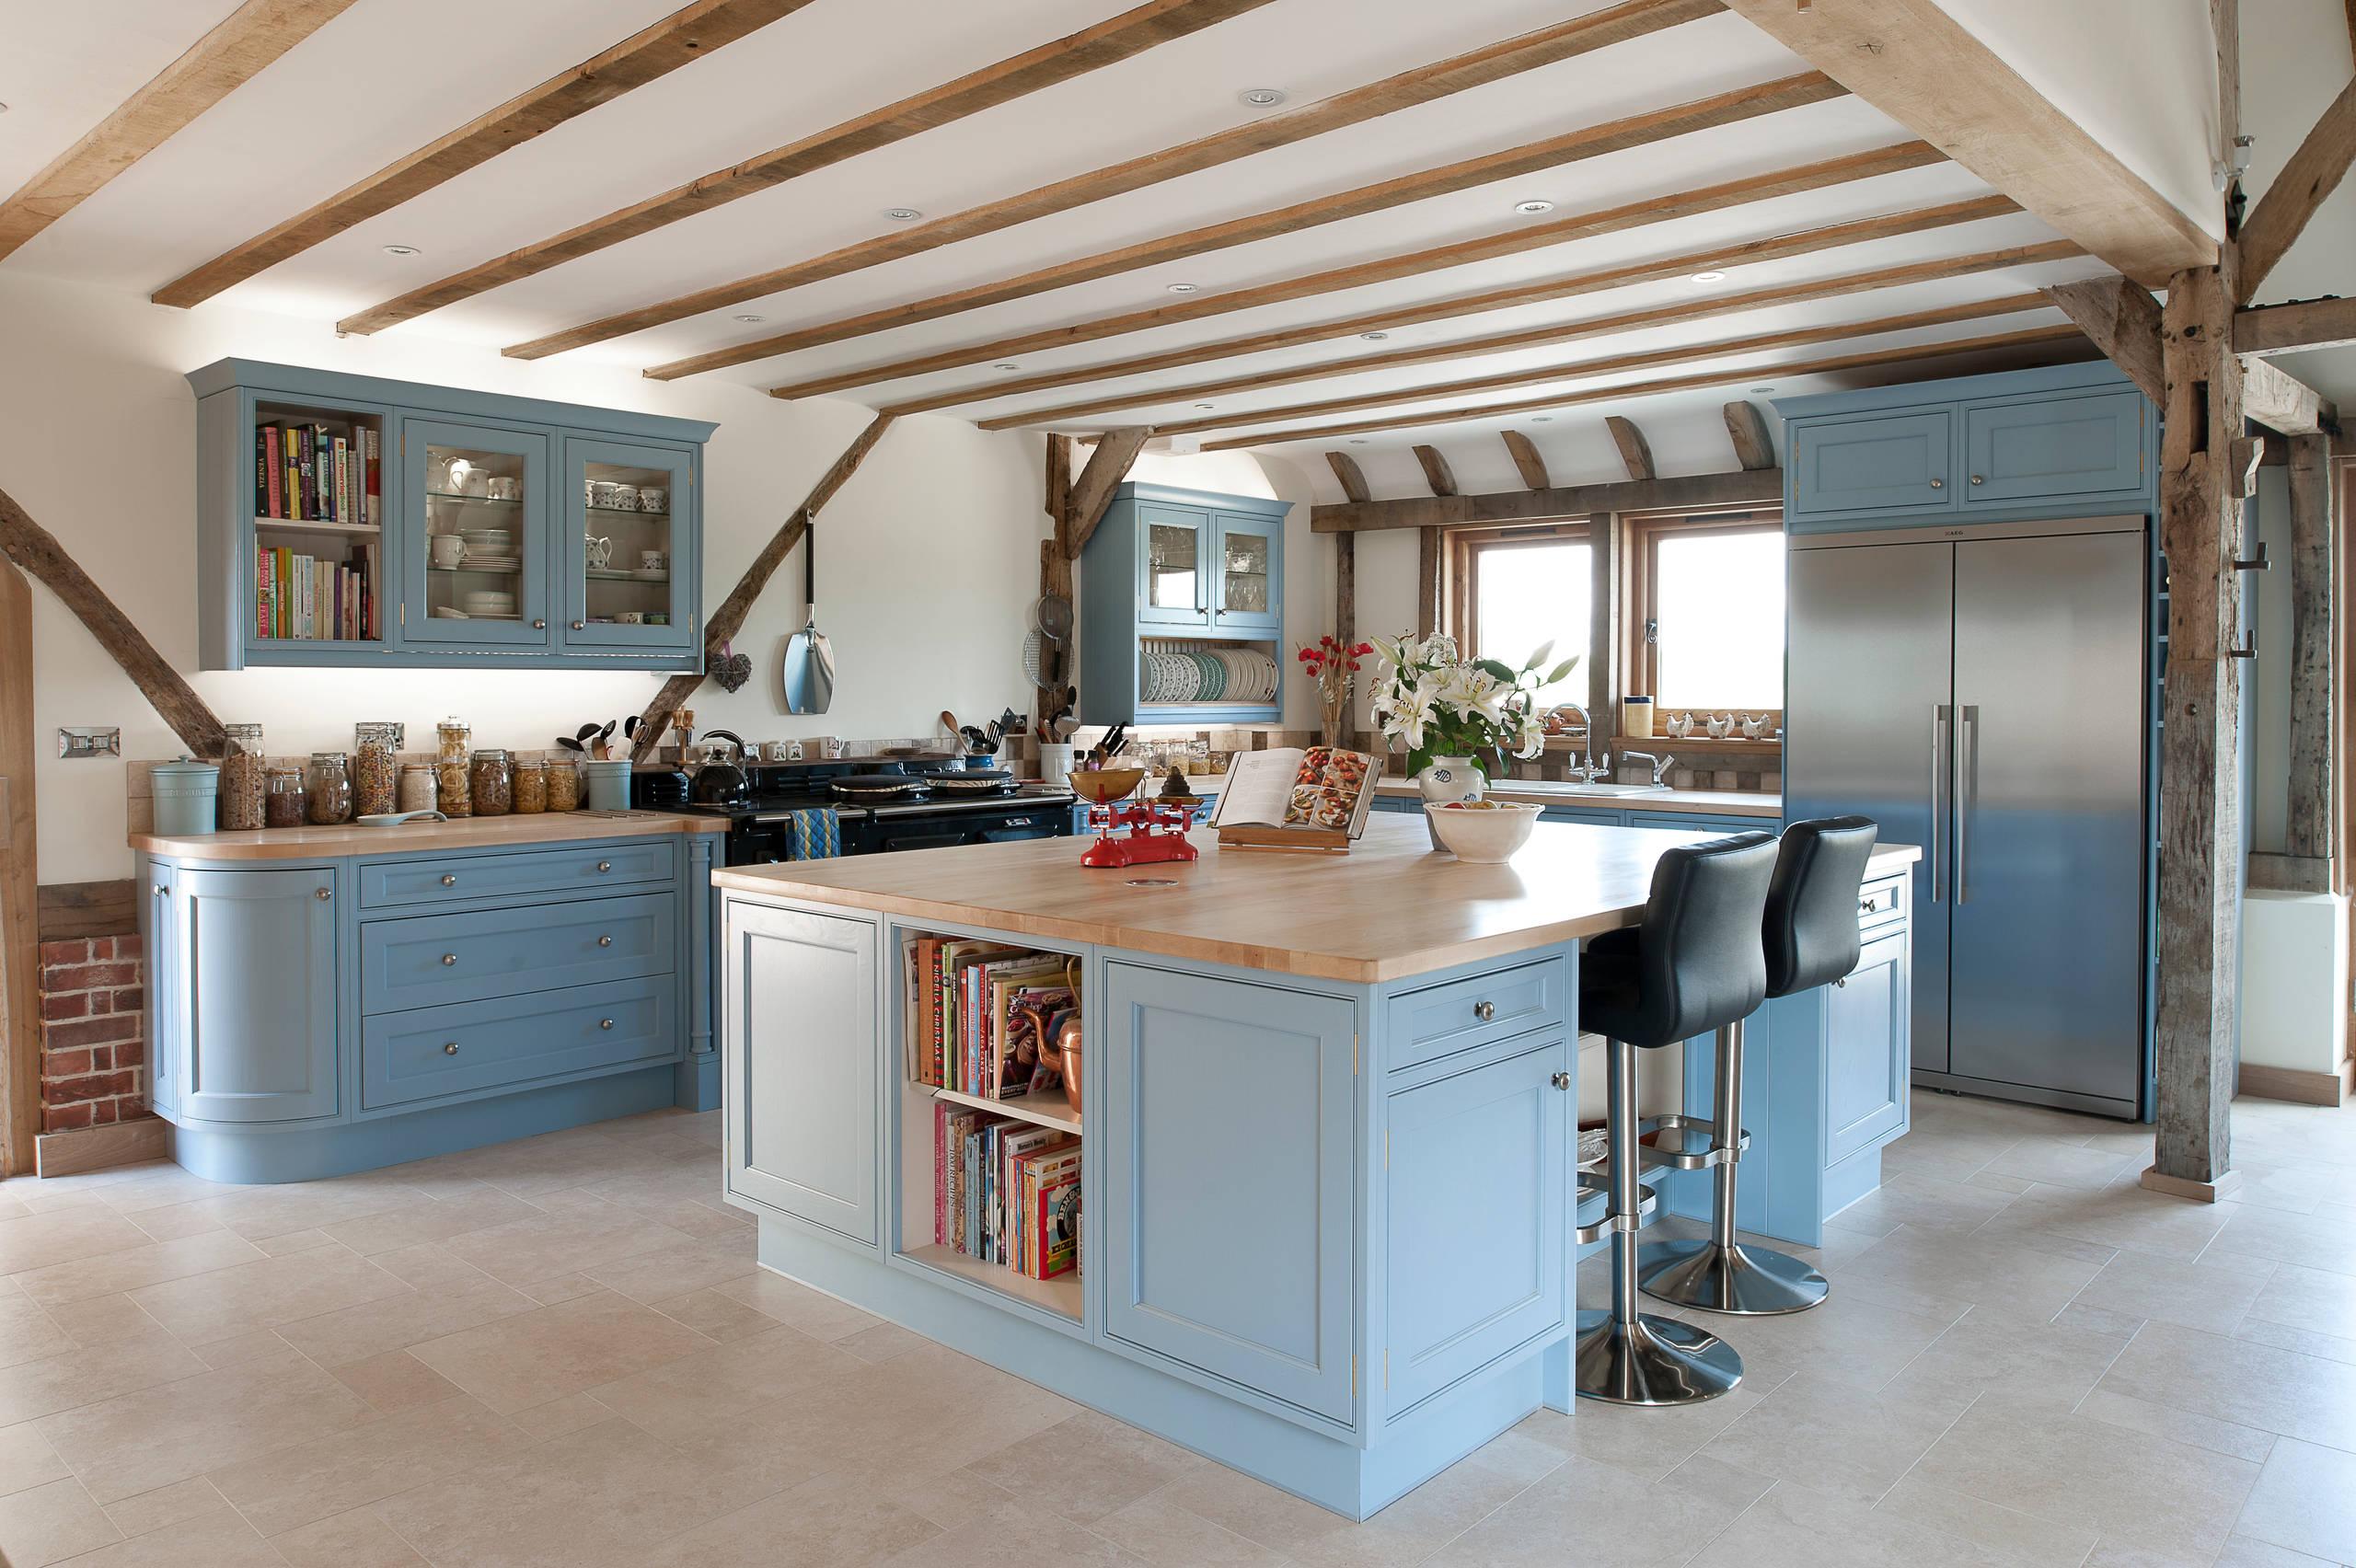 Голубая мебель с деревянными столешницами смотрится изысканно